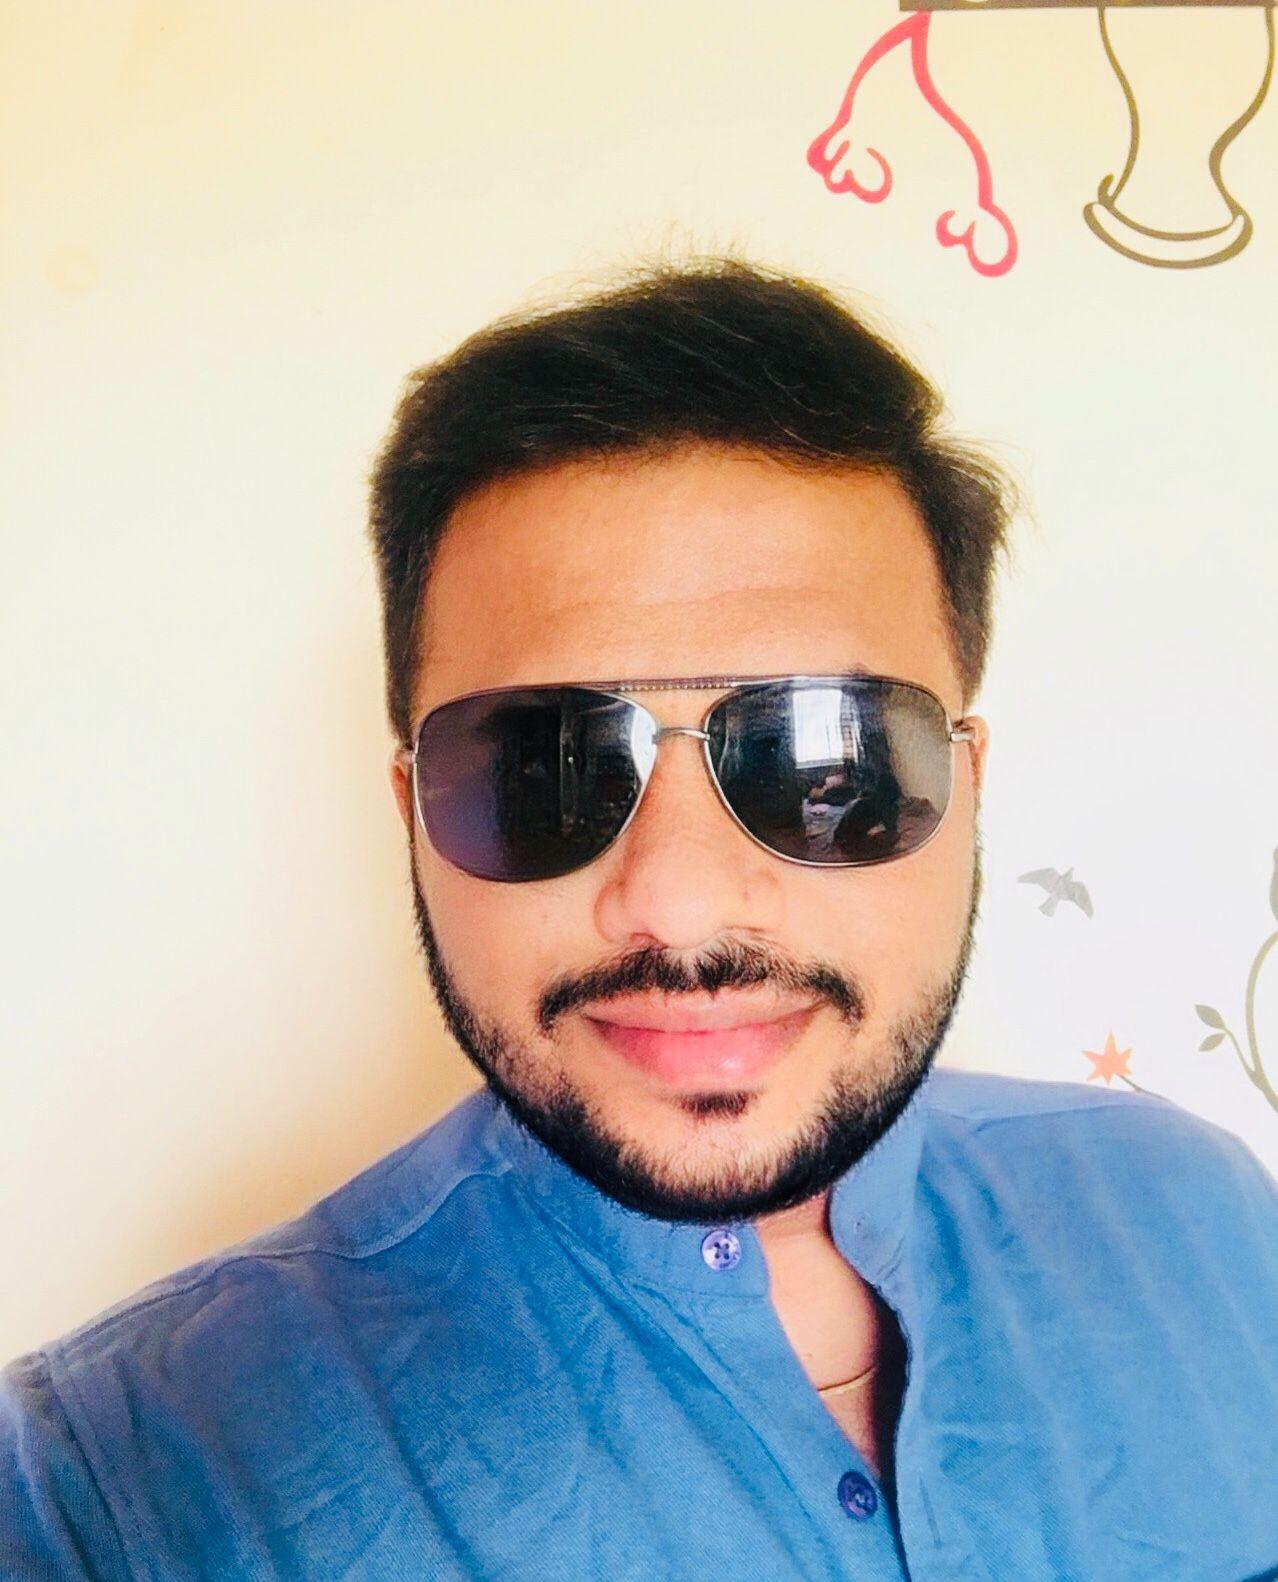 Mohamed Sathik Ali Hacker Noon profile picture